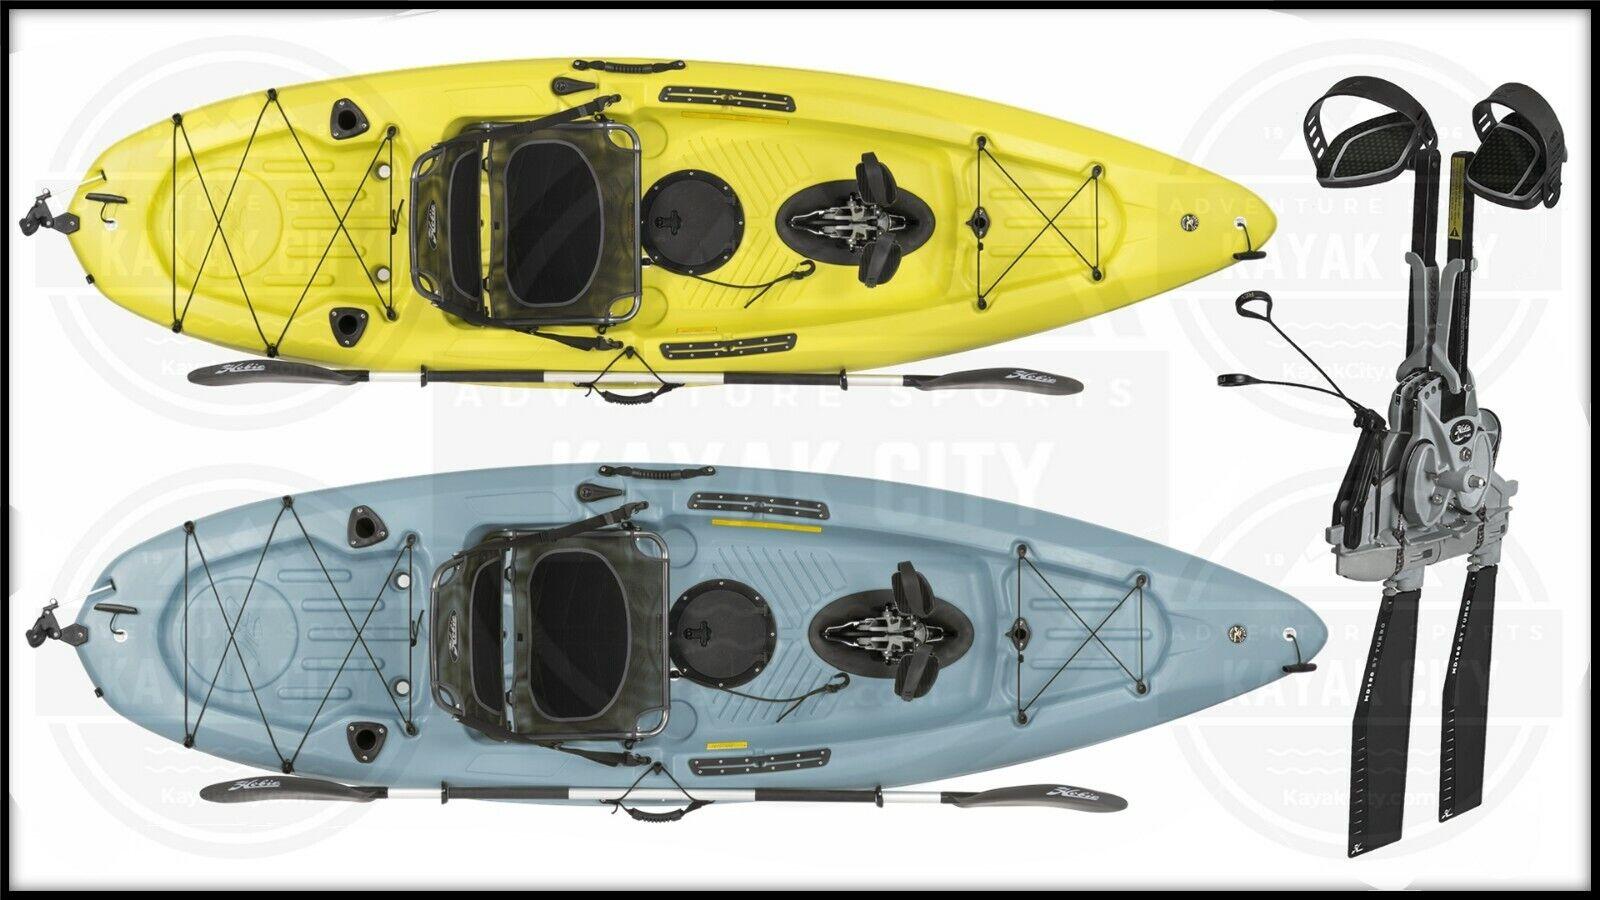 2019 Hobie Mirage Passport 10.5 - Fishing Kayak w/180 Revers